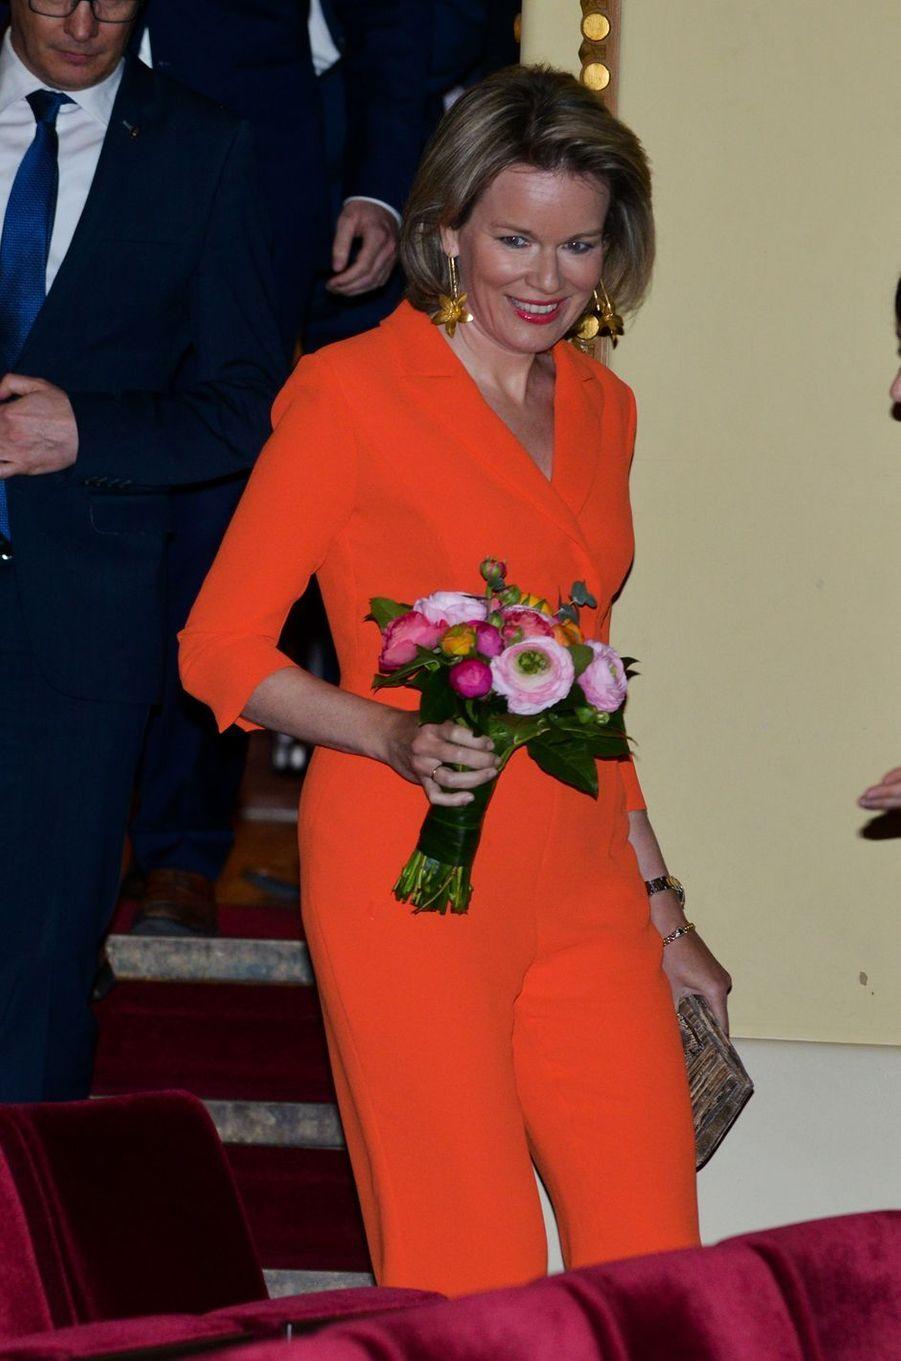 La reine Mathilde de Belgique au Théâtre de la ville de Louvain, le 17 avril 2018